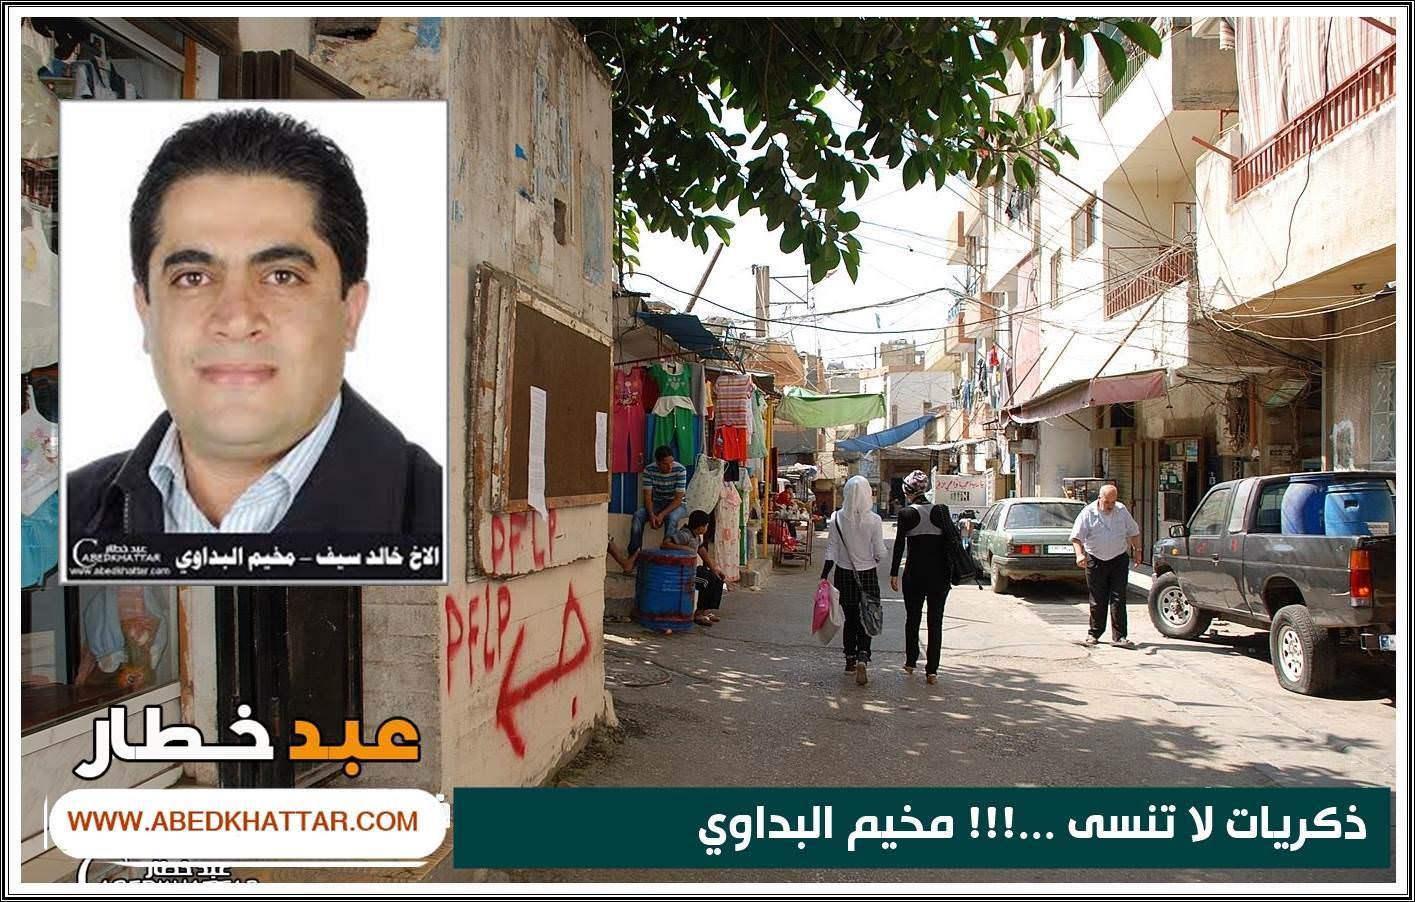 ماذا كتب خالد سيف تعليقا عن صورة لــ مخيم البداوي ؟